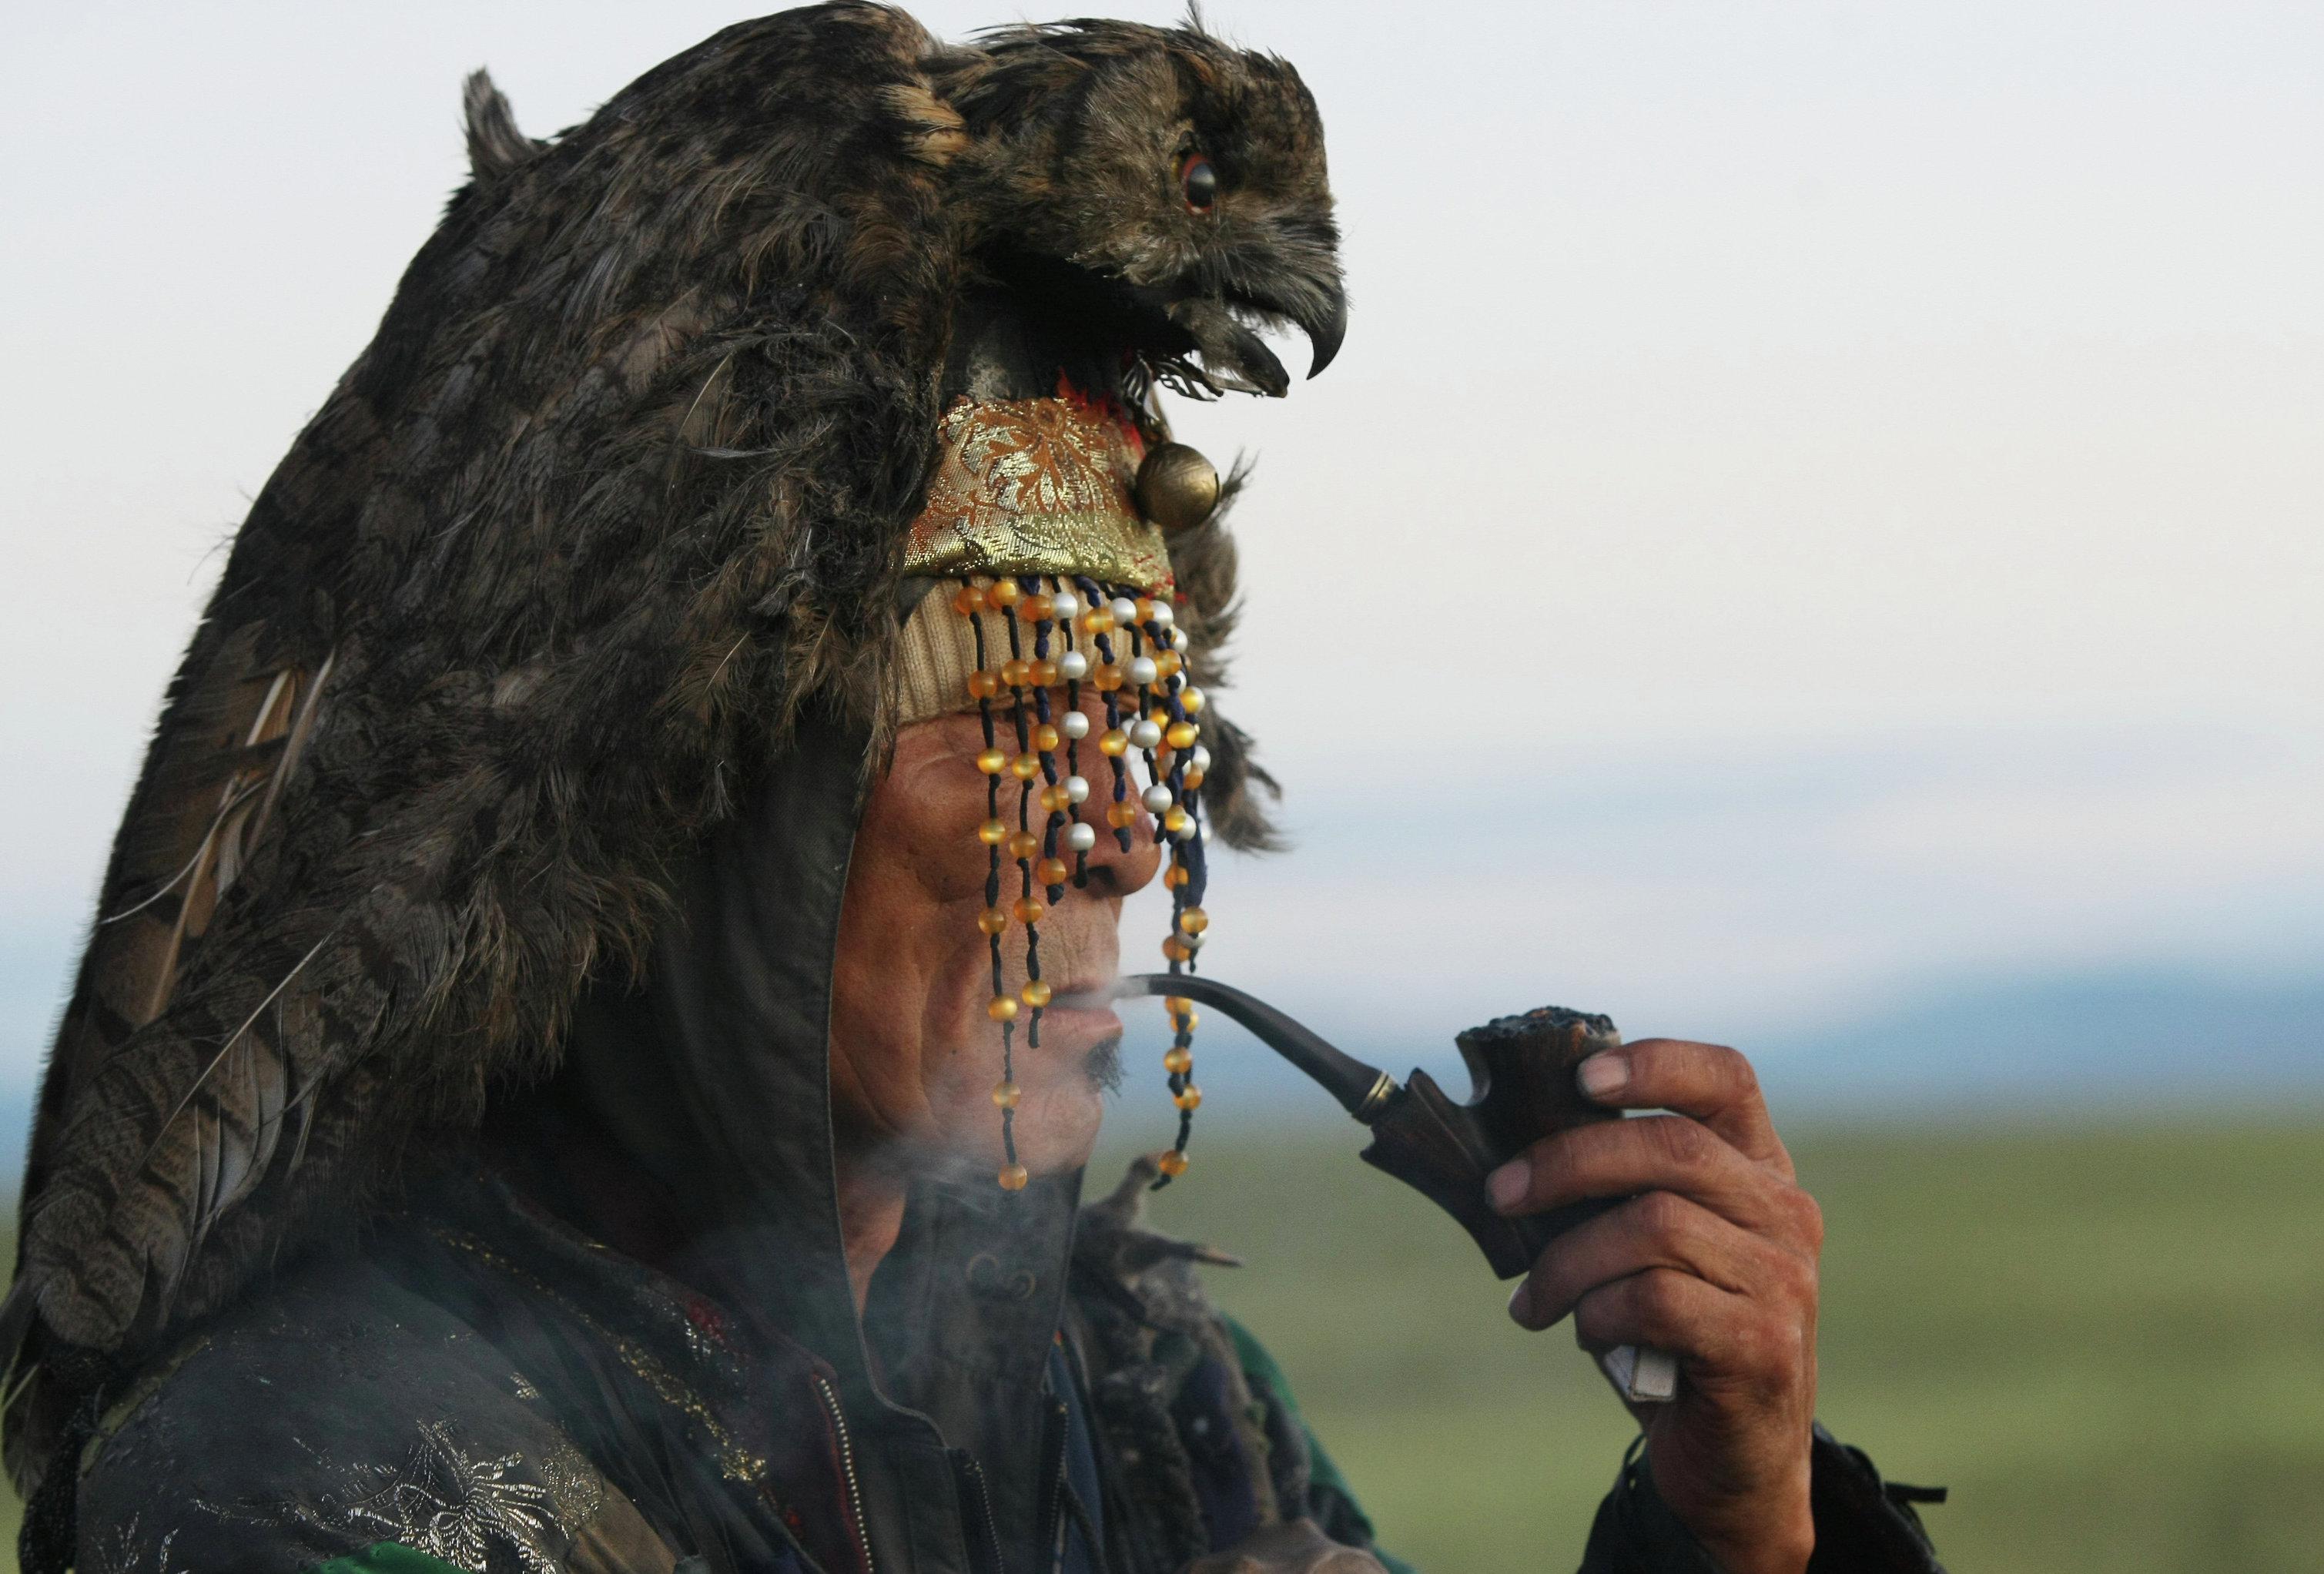 Сравнительный филогенетический анализ выявляет древние корни индоевропейских сказок